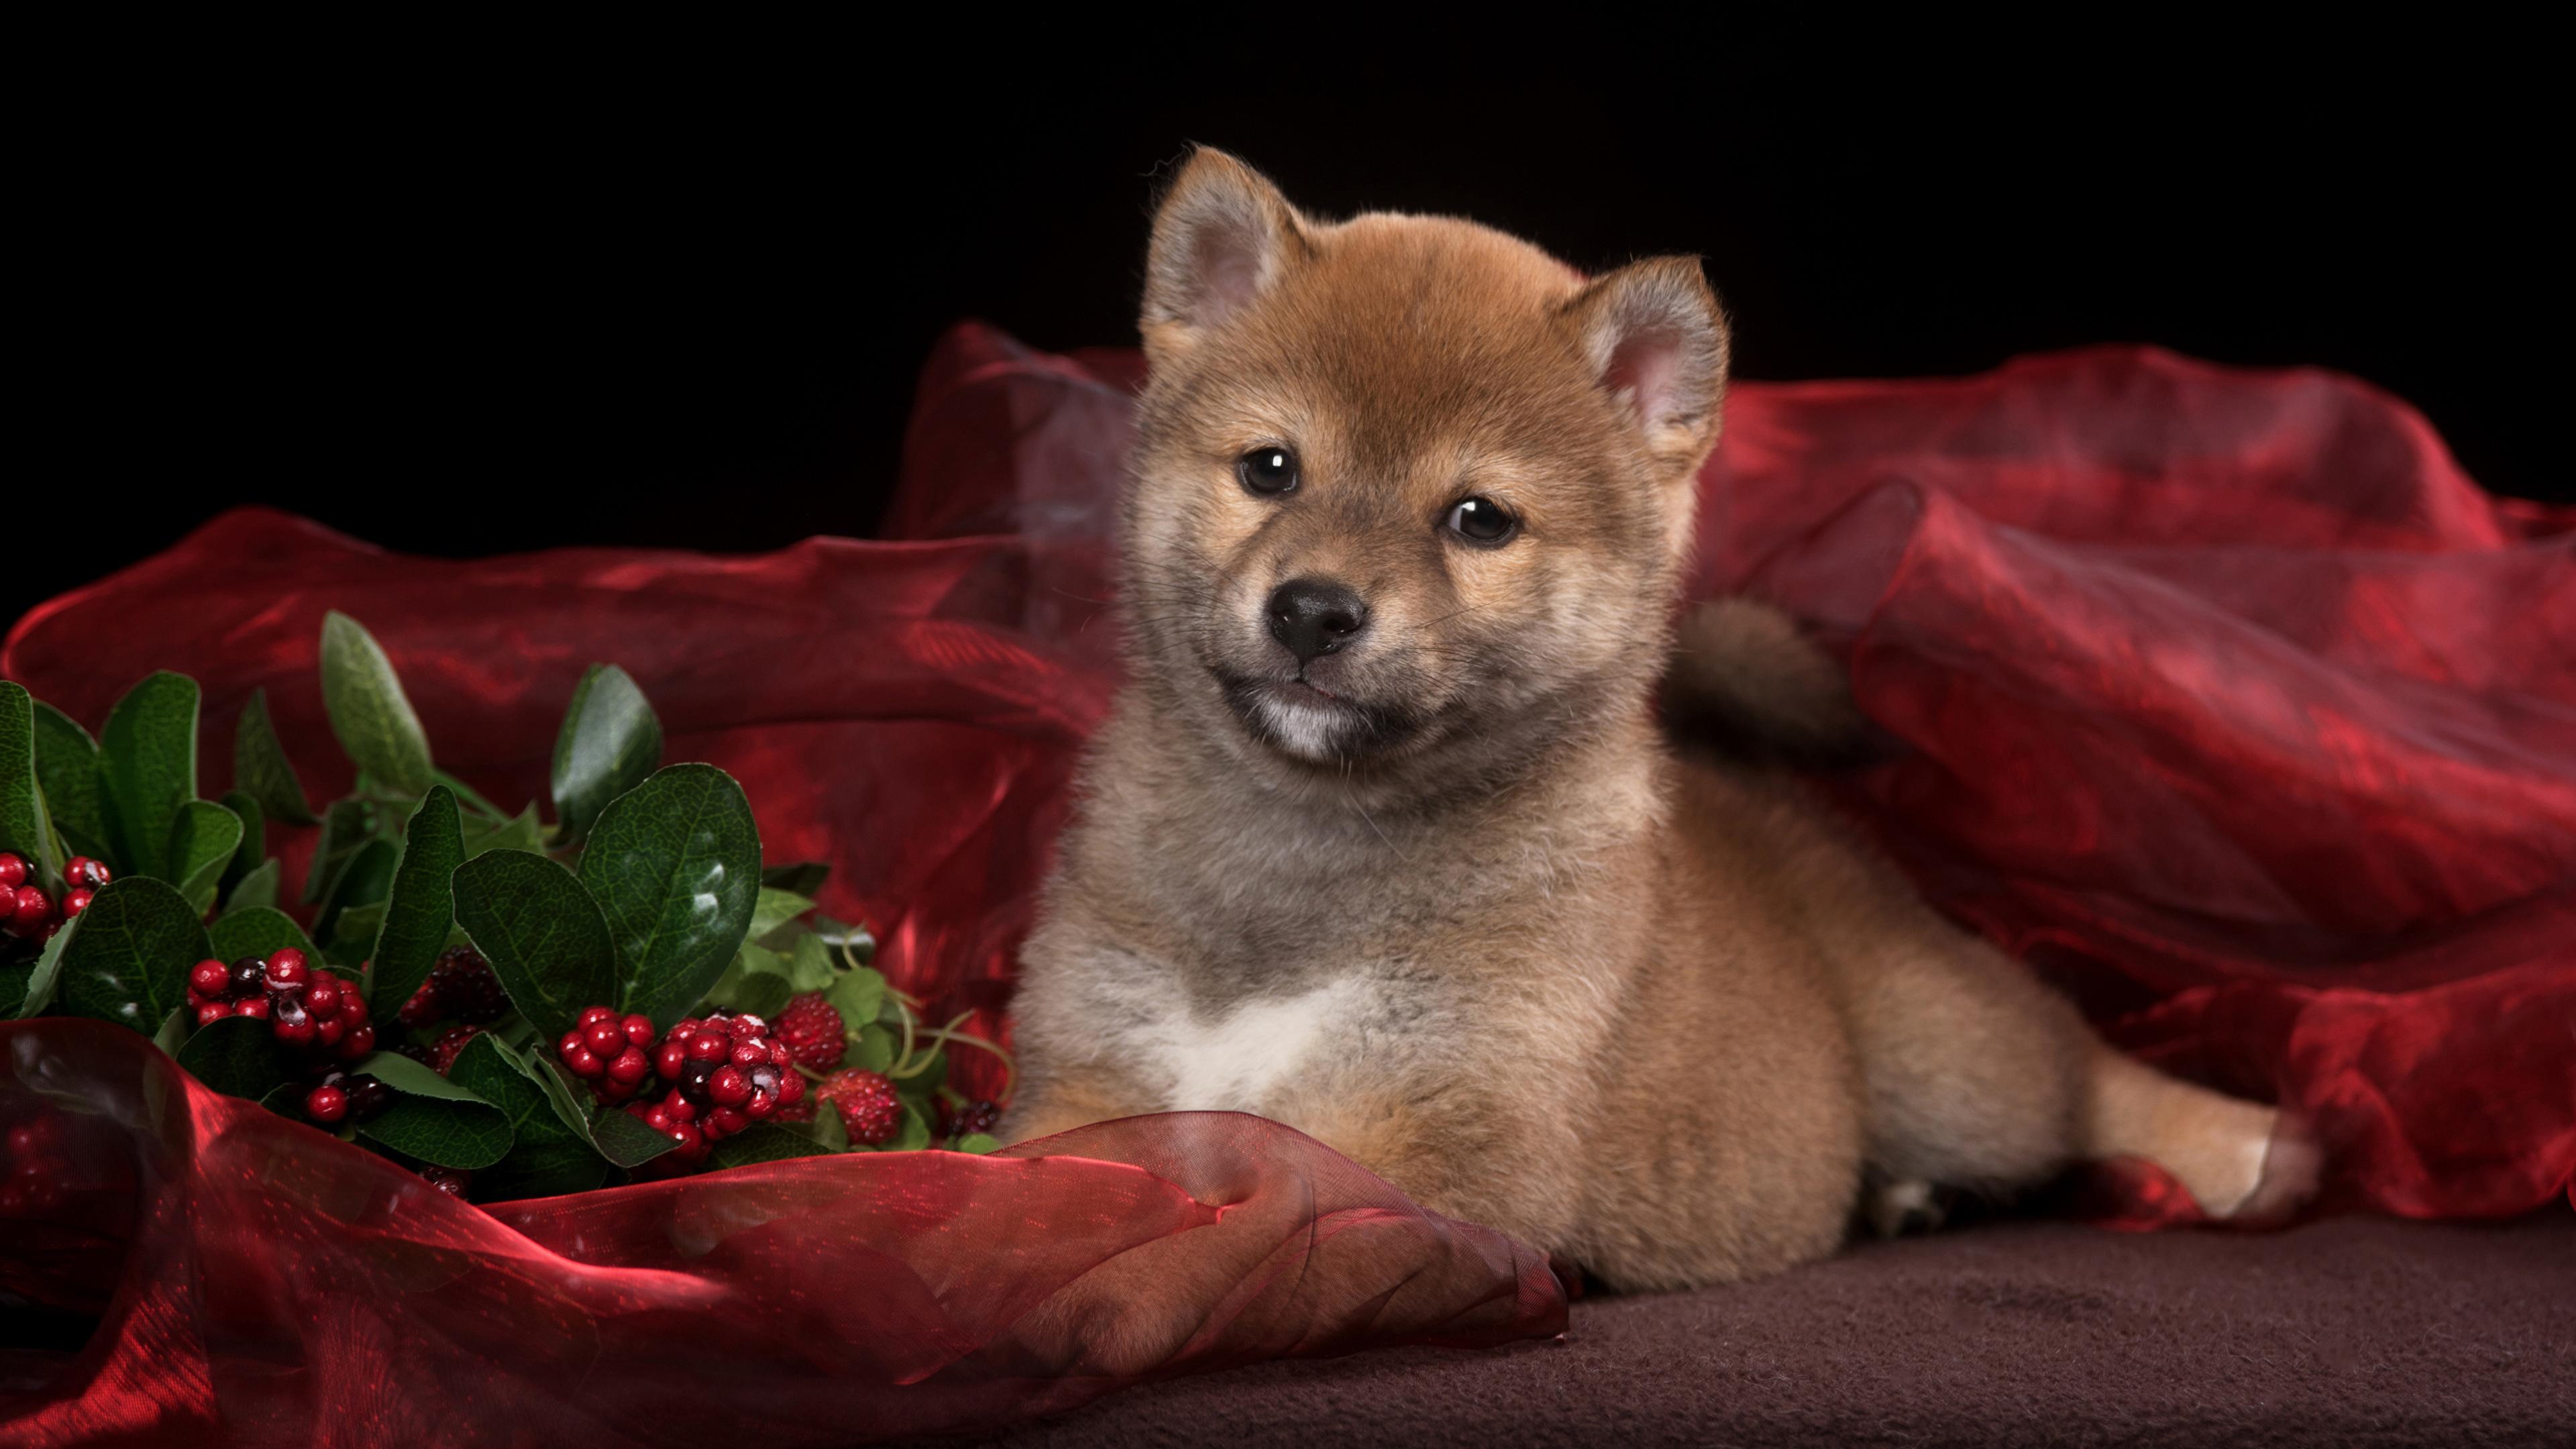 Милый щенок с блестящими глазами и плюшевым мехом